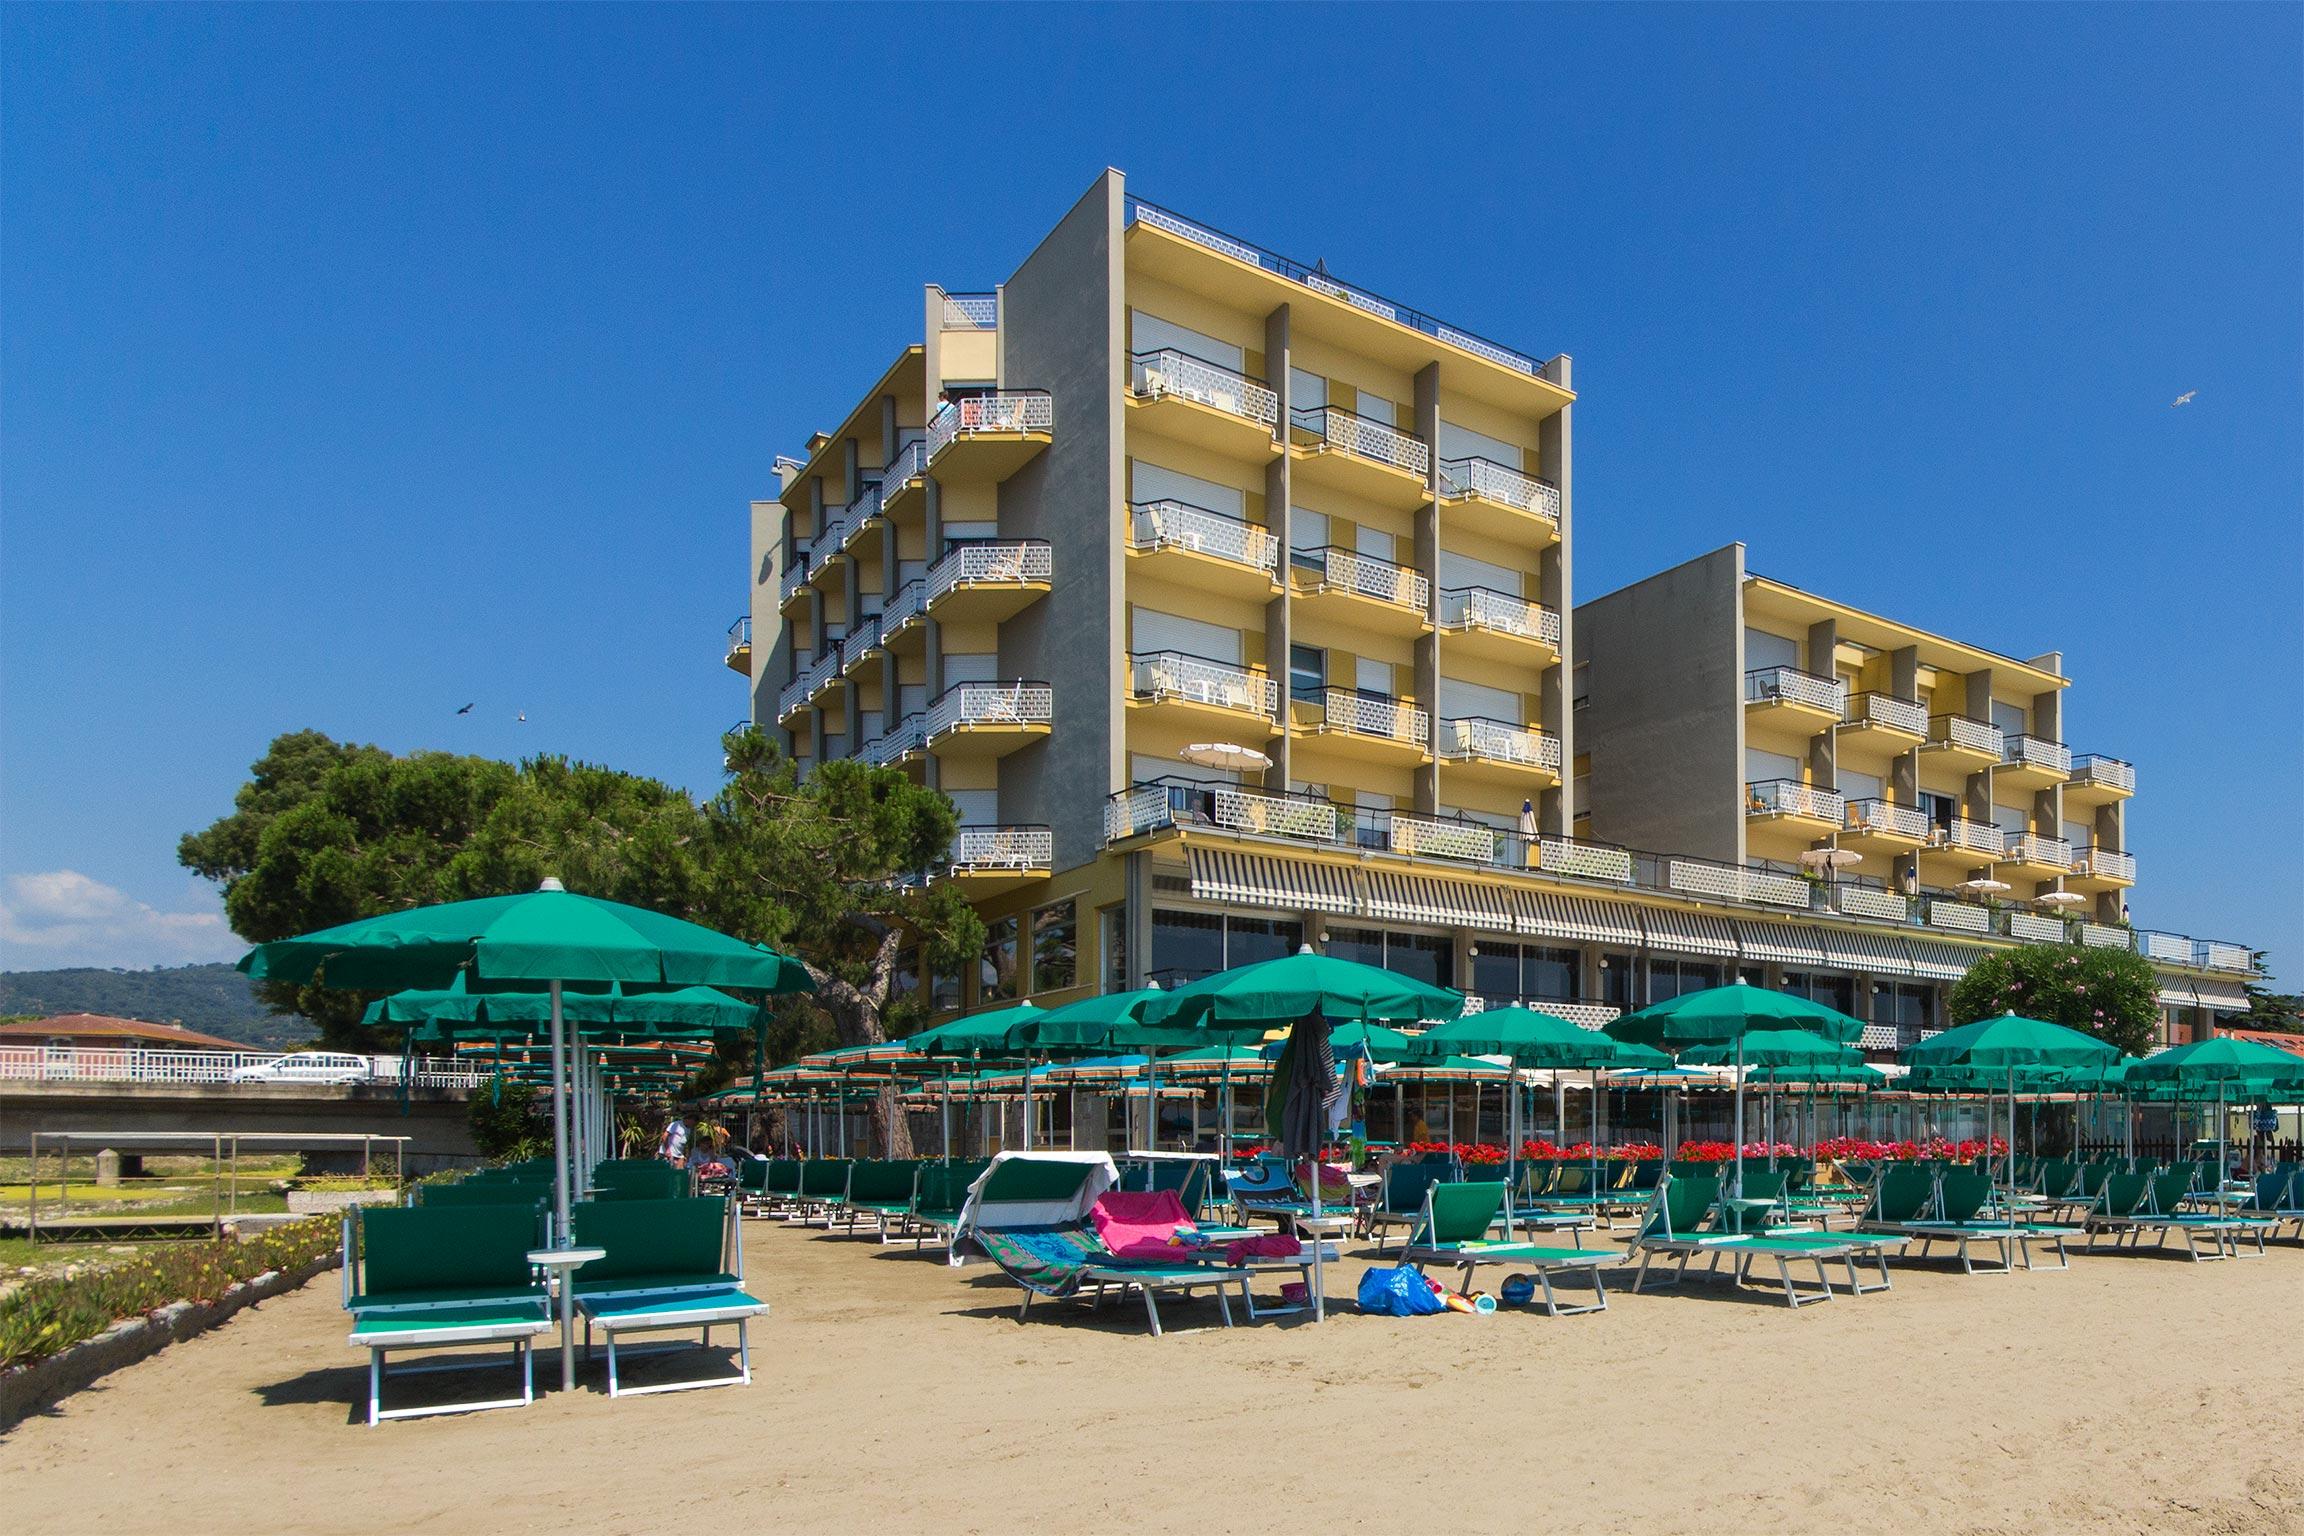 hotel a diano marina - hotel bellevue oggi